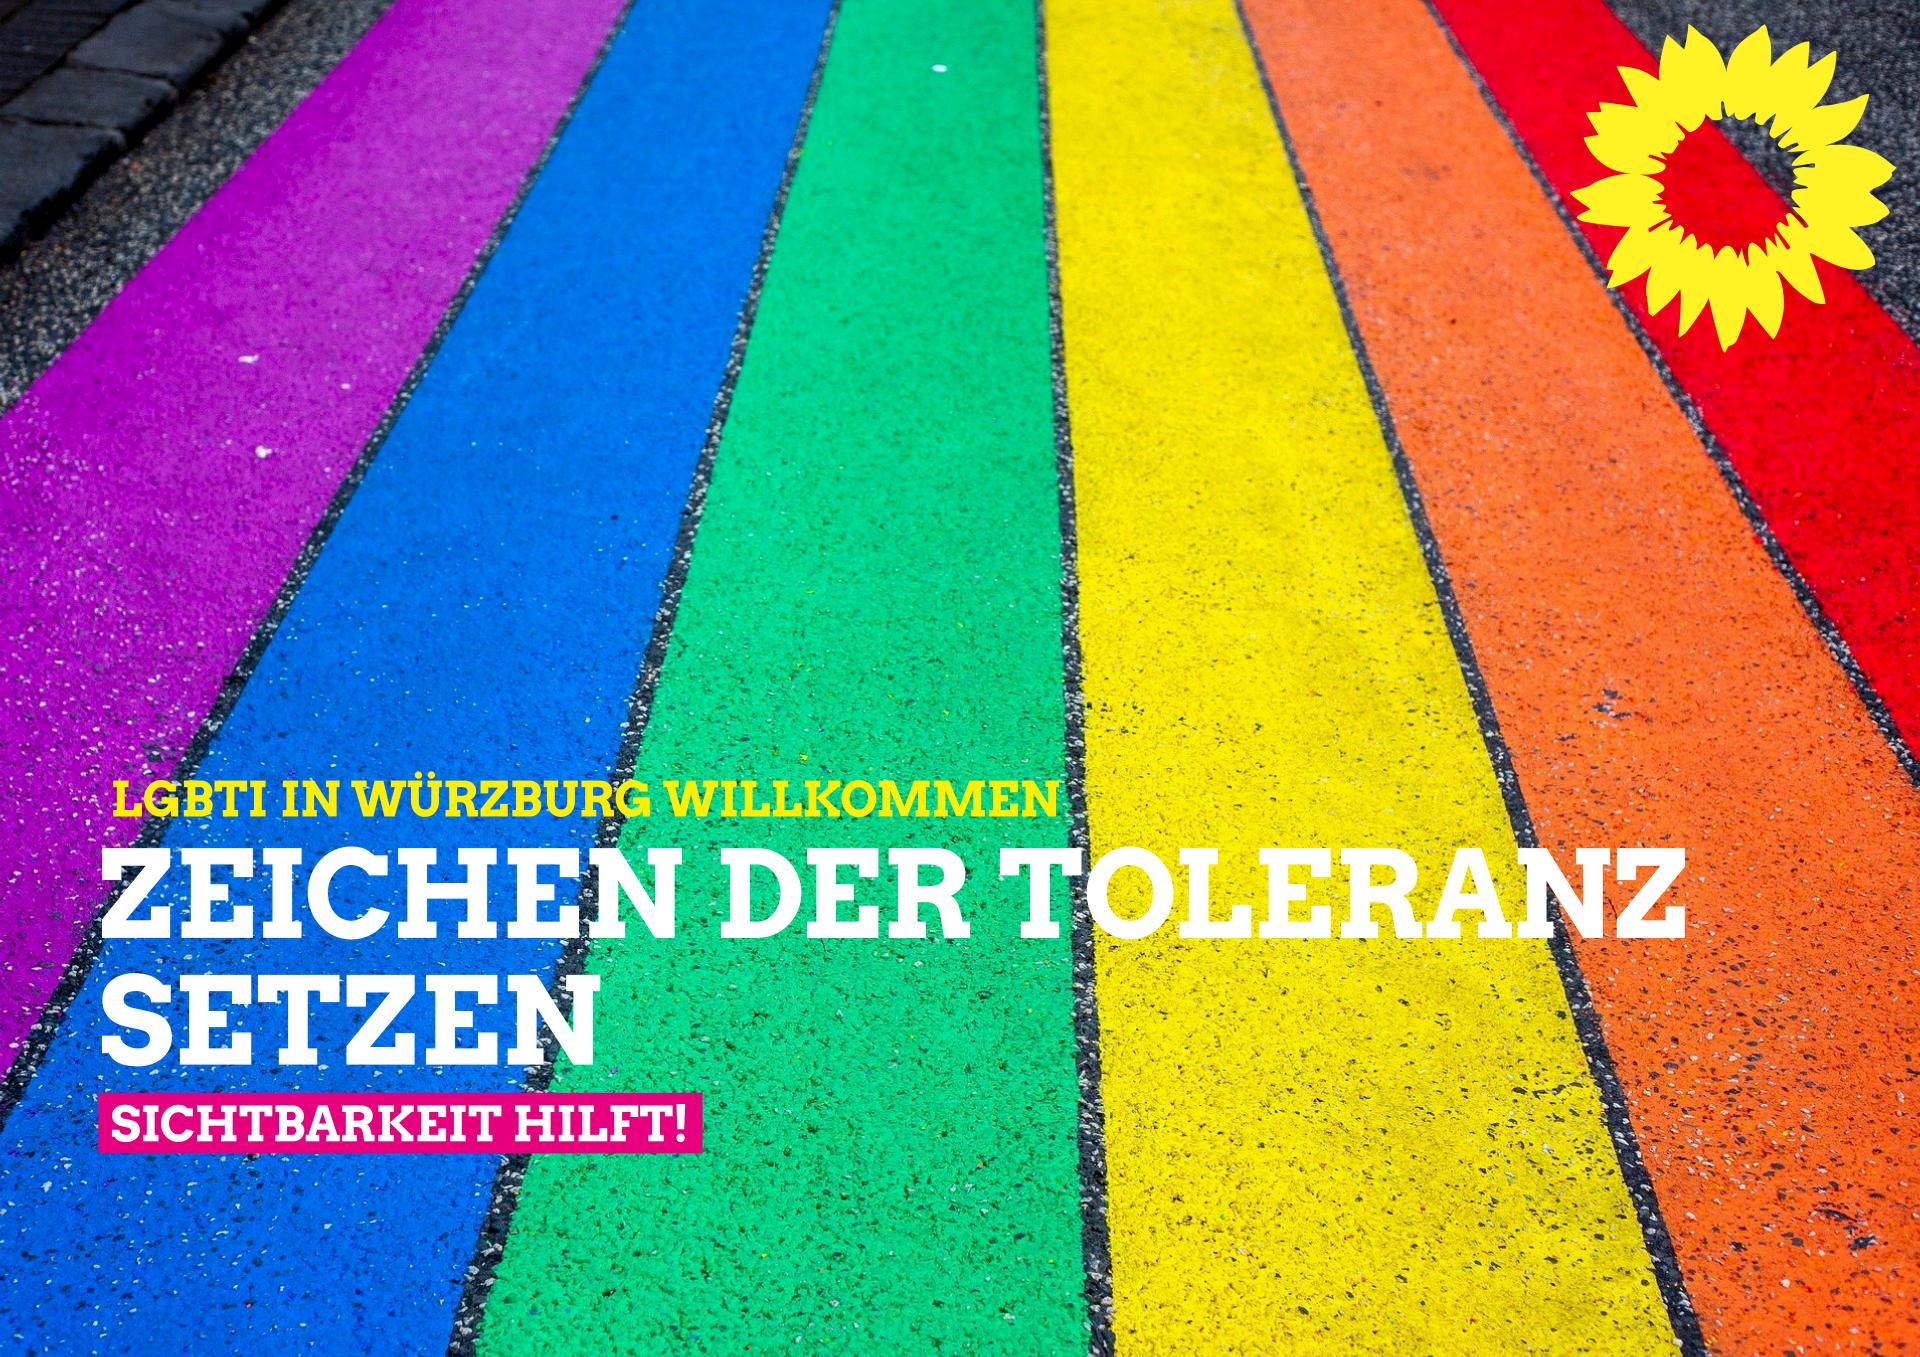 LGBTI in Würzburg willkommen. Zeichen der Tolernaz setzen. Sichtbarkeit hilft!